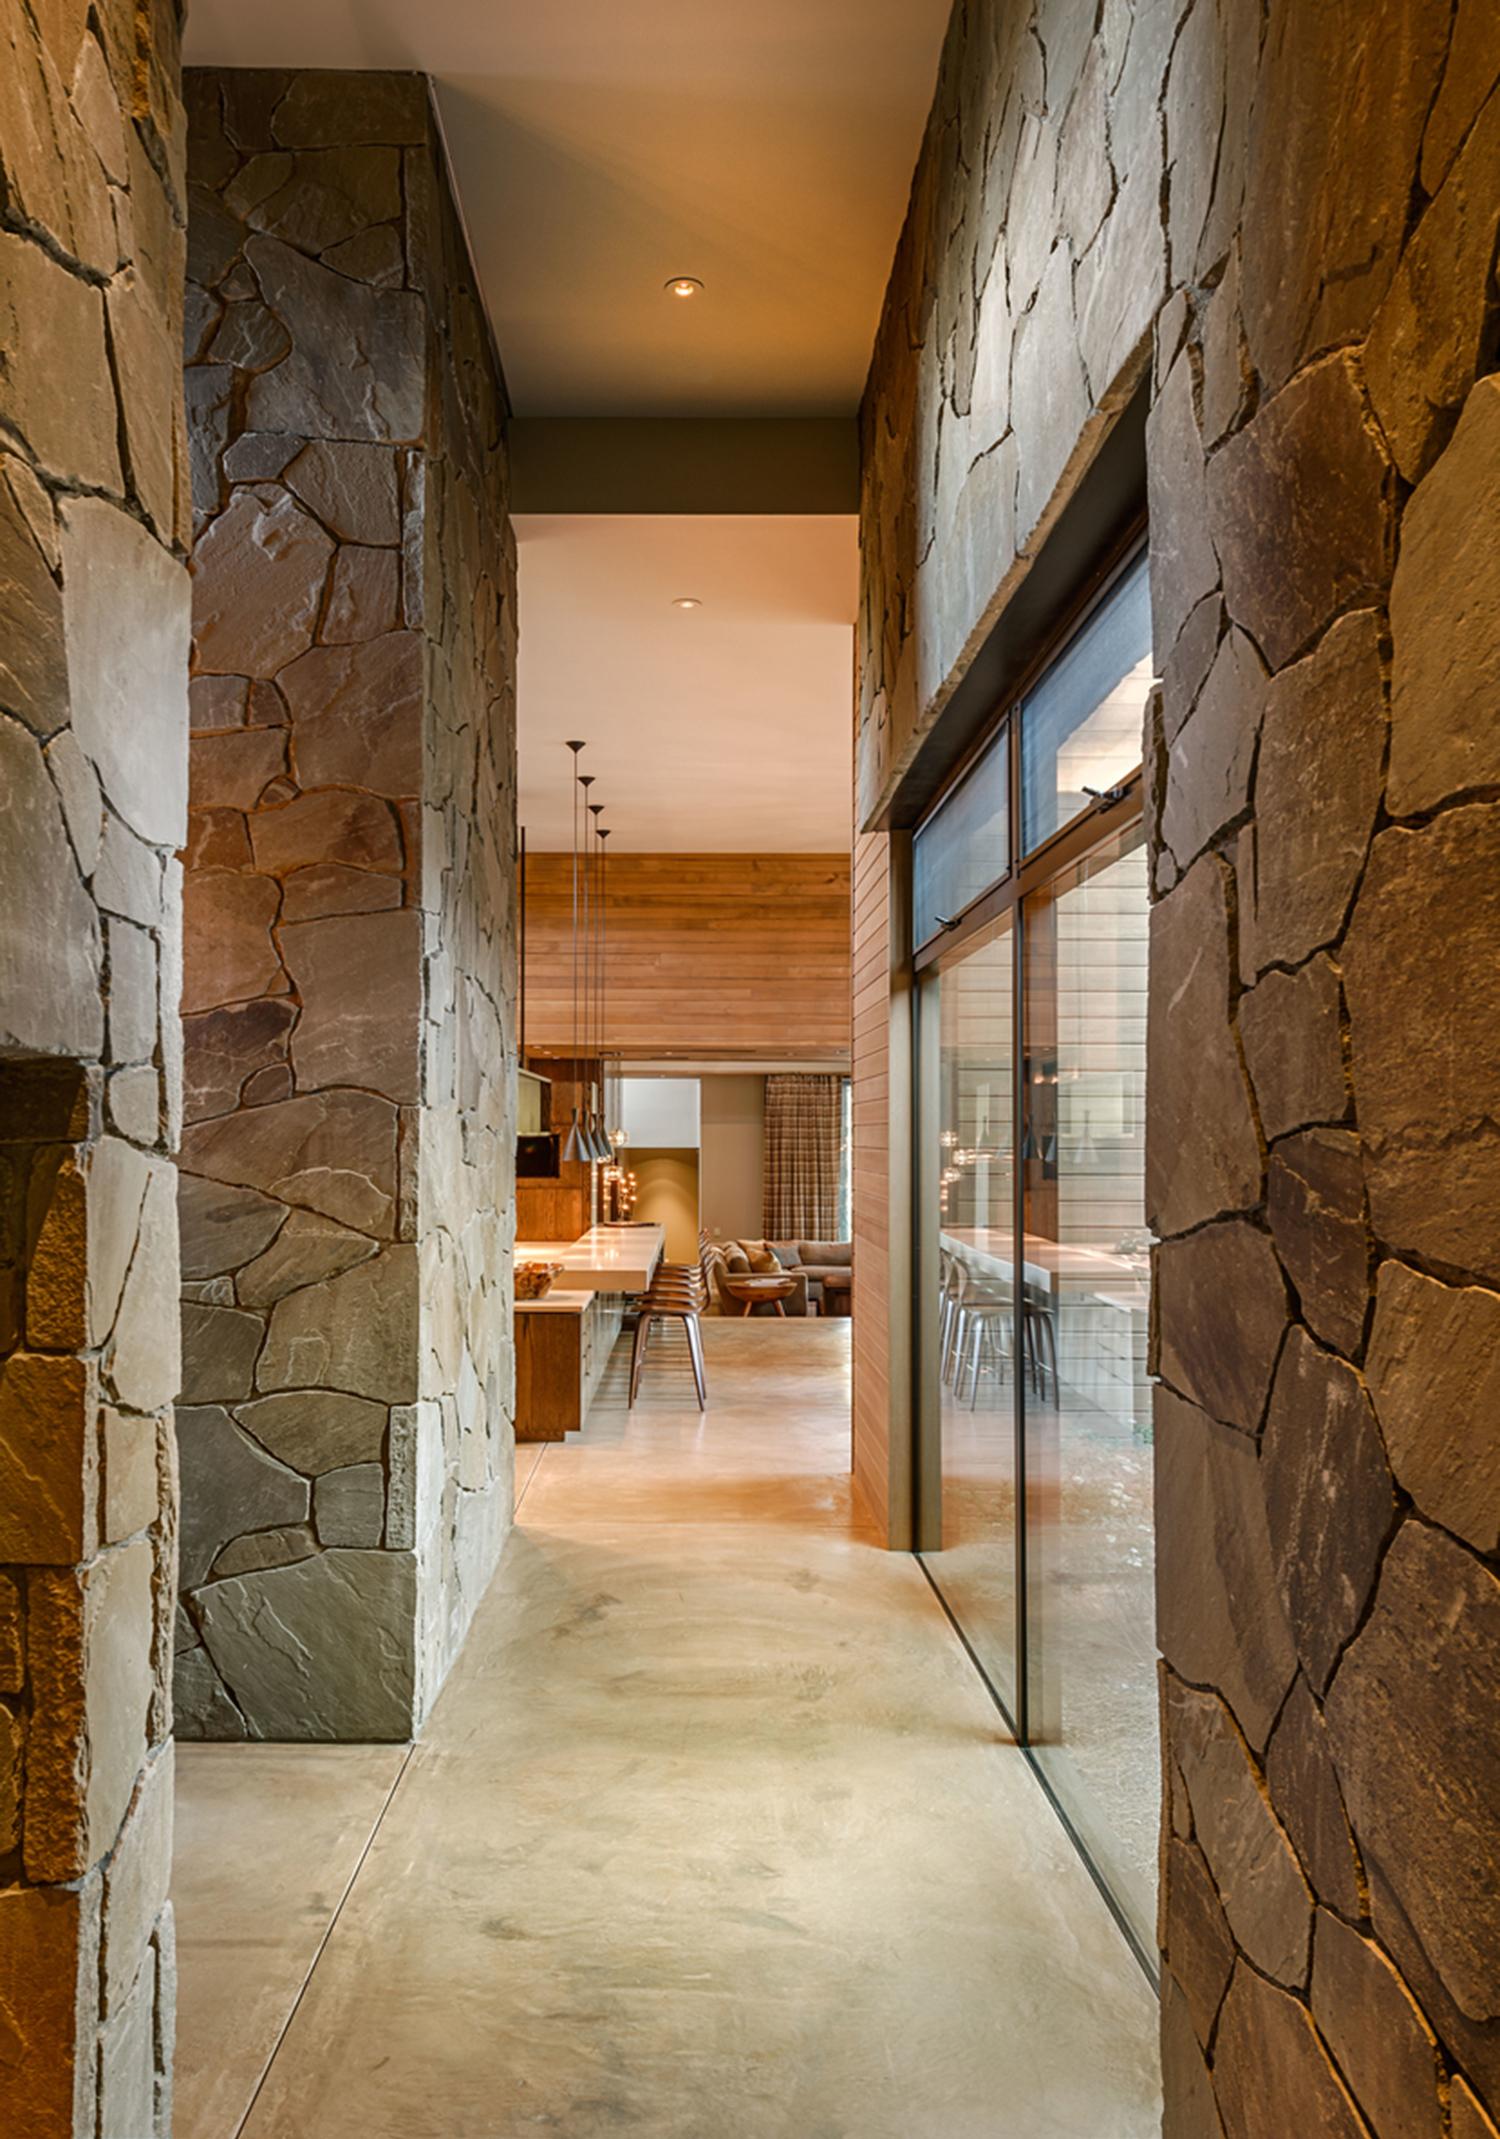 Lot 403_Hall_Masonry Walls_Concrete Floors.jpg